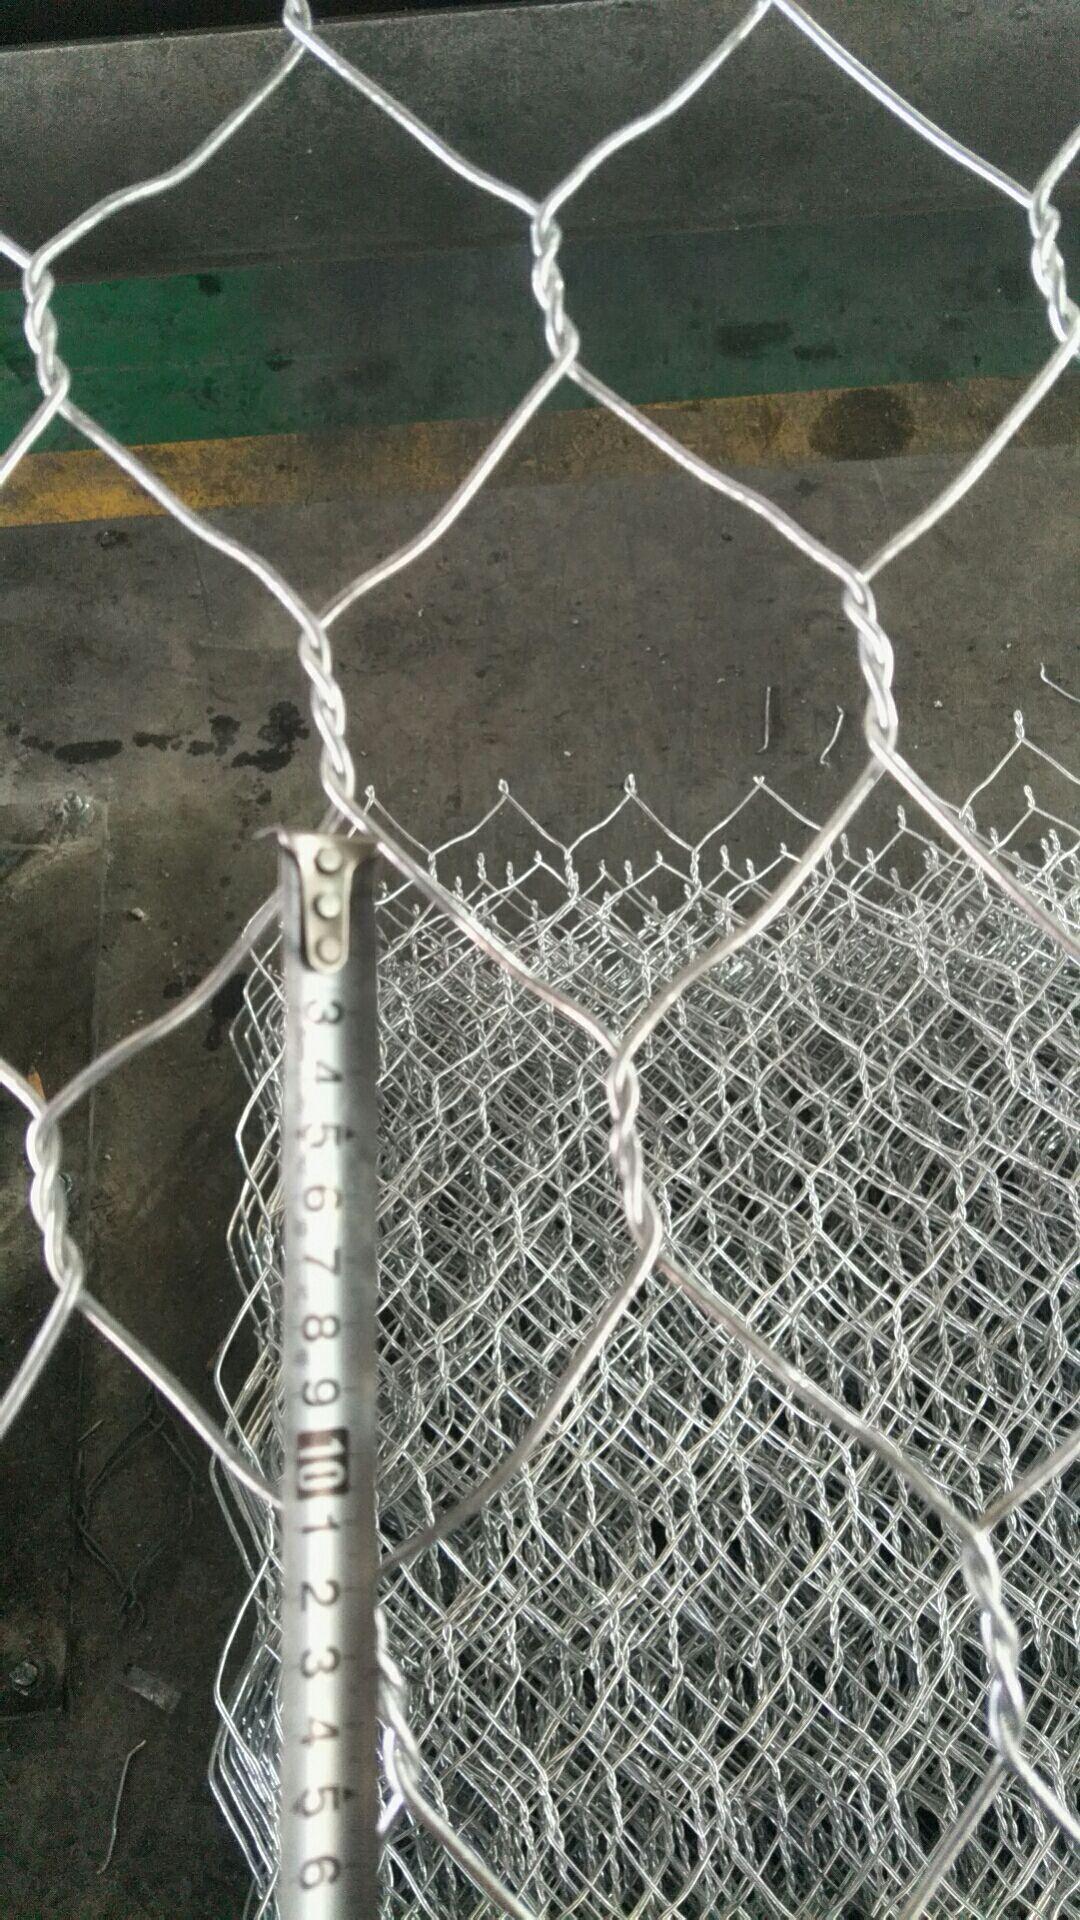 镀锌铅丝笼 生态绿滨铁丝网批发零售 包塑五拧六角网格宾网来电加工定做